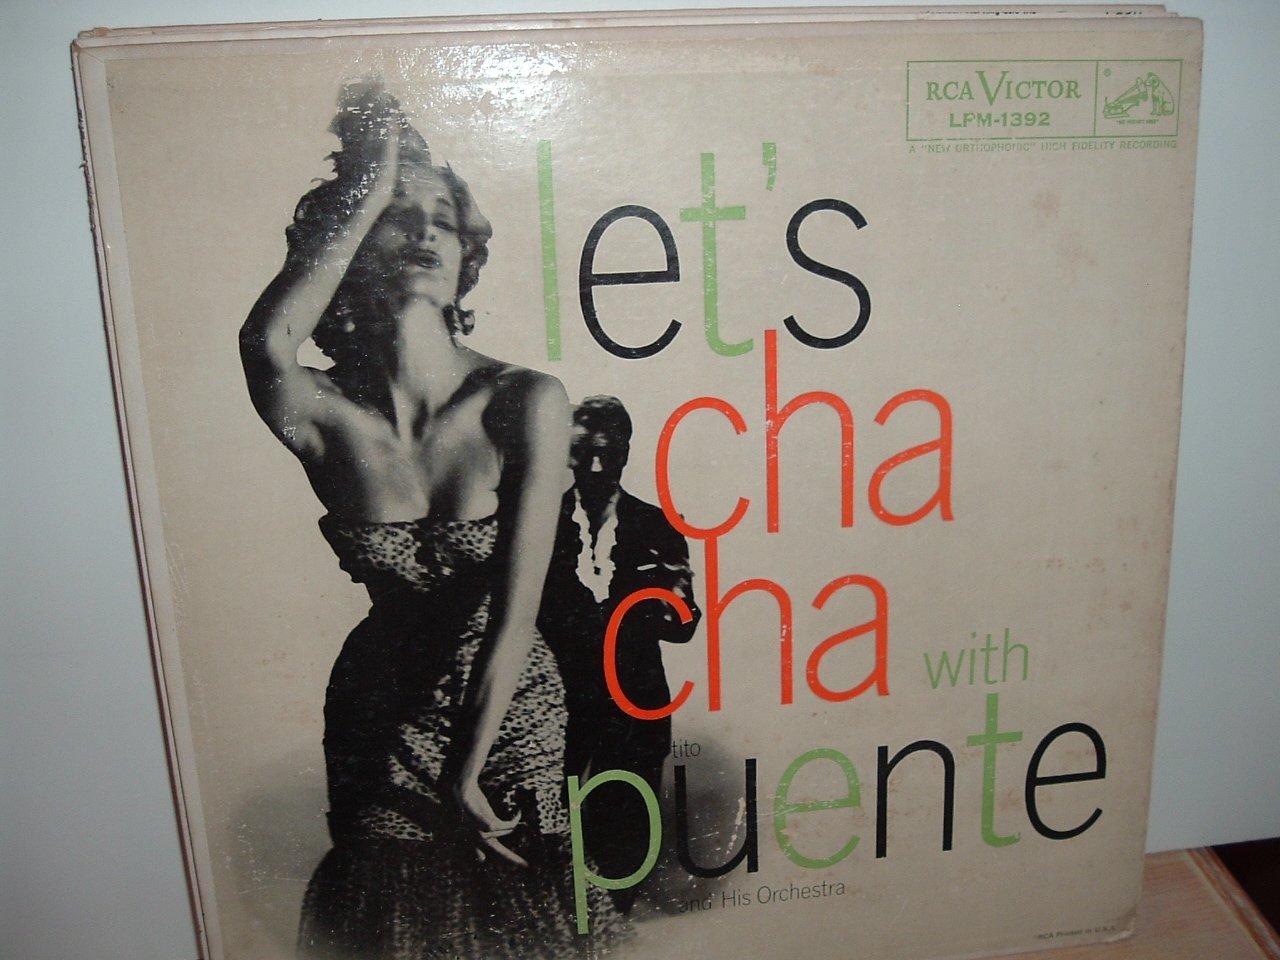 Tito Puente - Let's Cha Cha Cha With Puente - rare 1957 RCA vinyl LP.